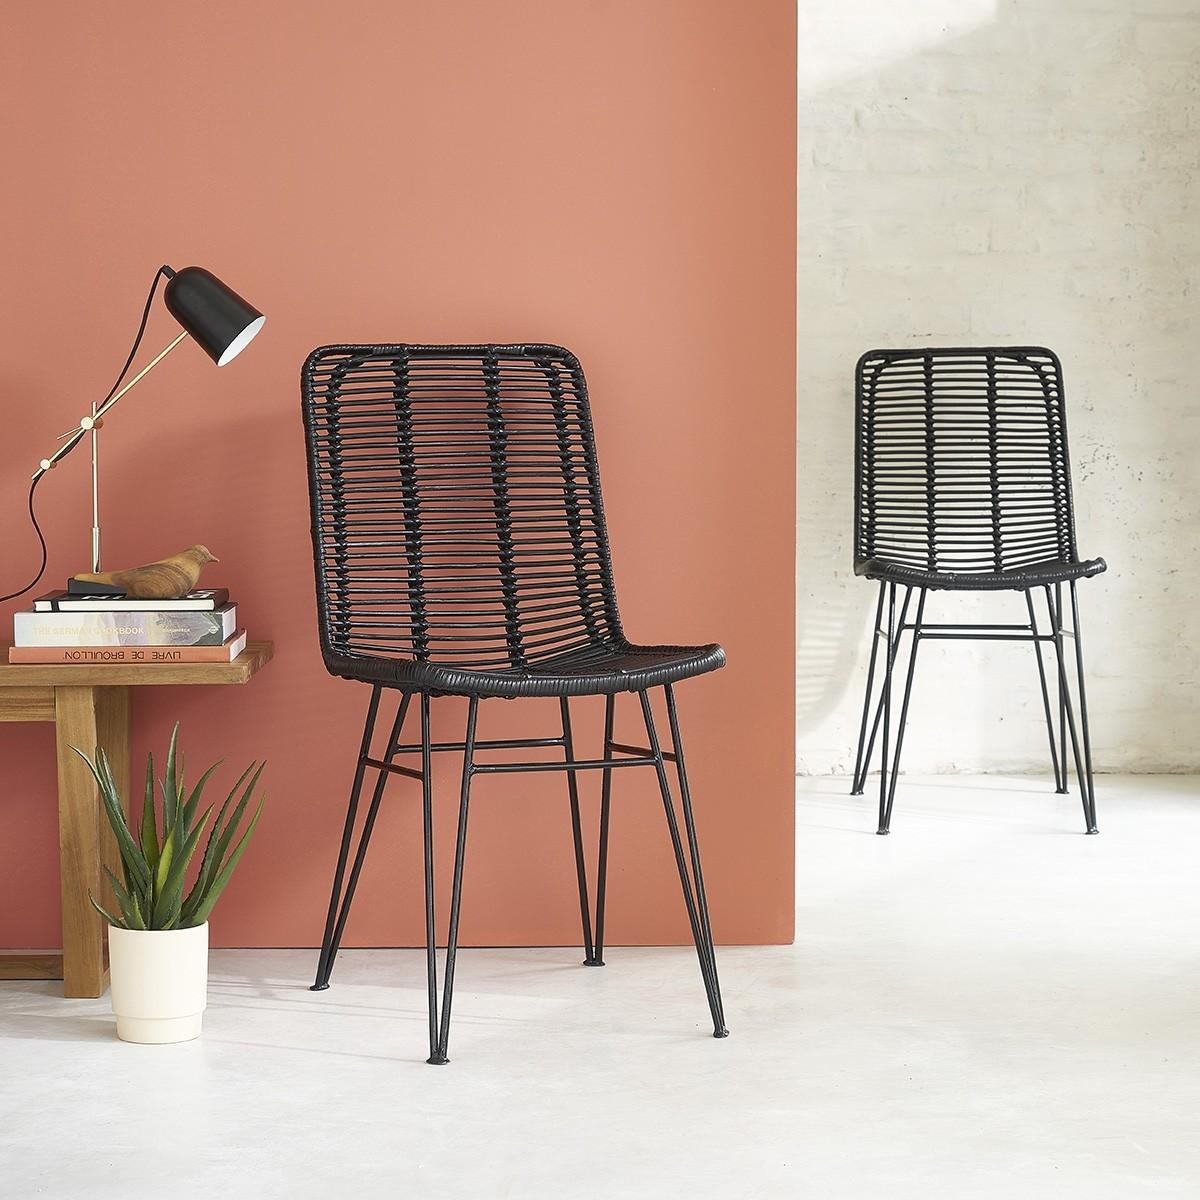 2 chaises en rotin et métal noires